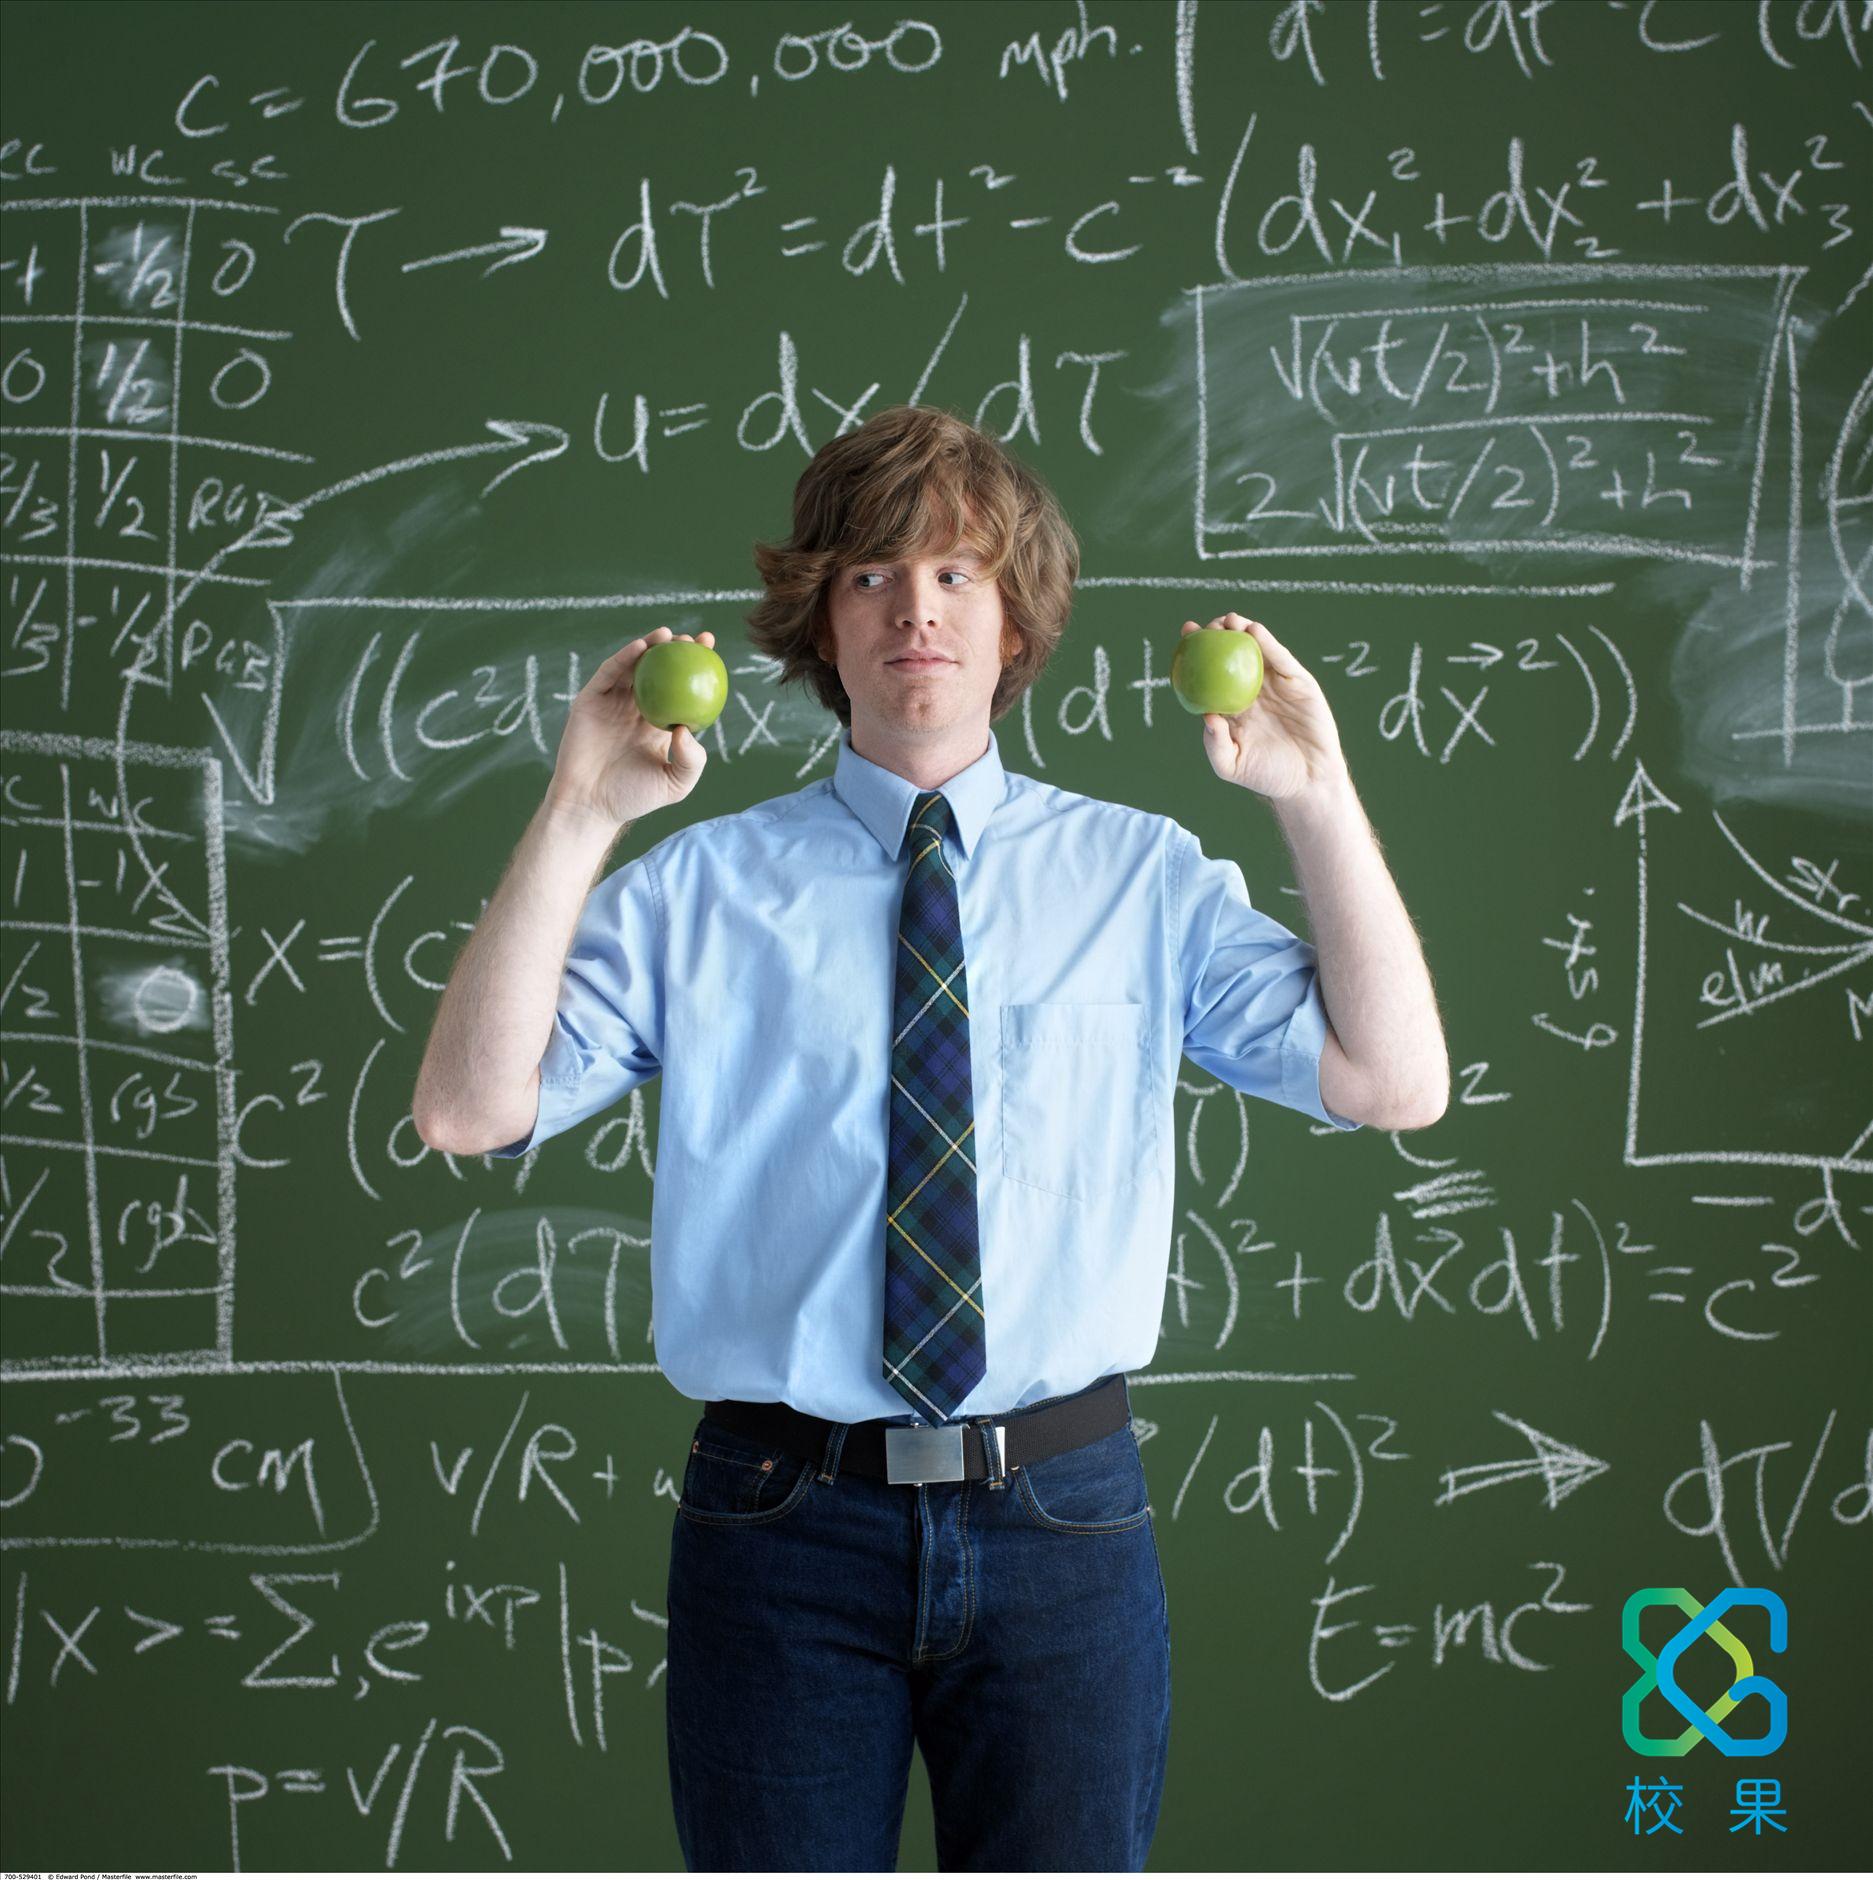 校园市场:怎样通过认知对比提高转化率?-校果研究院-校园营销解决方案